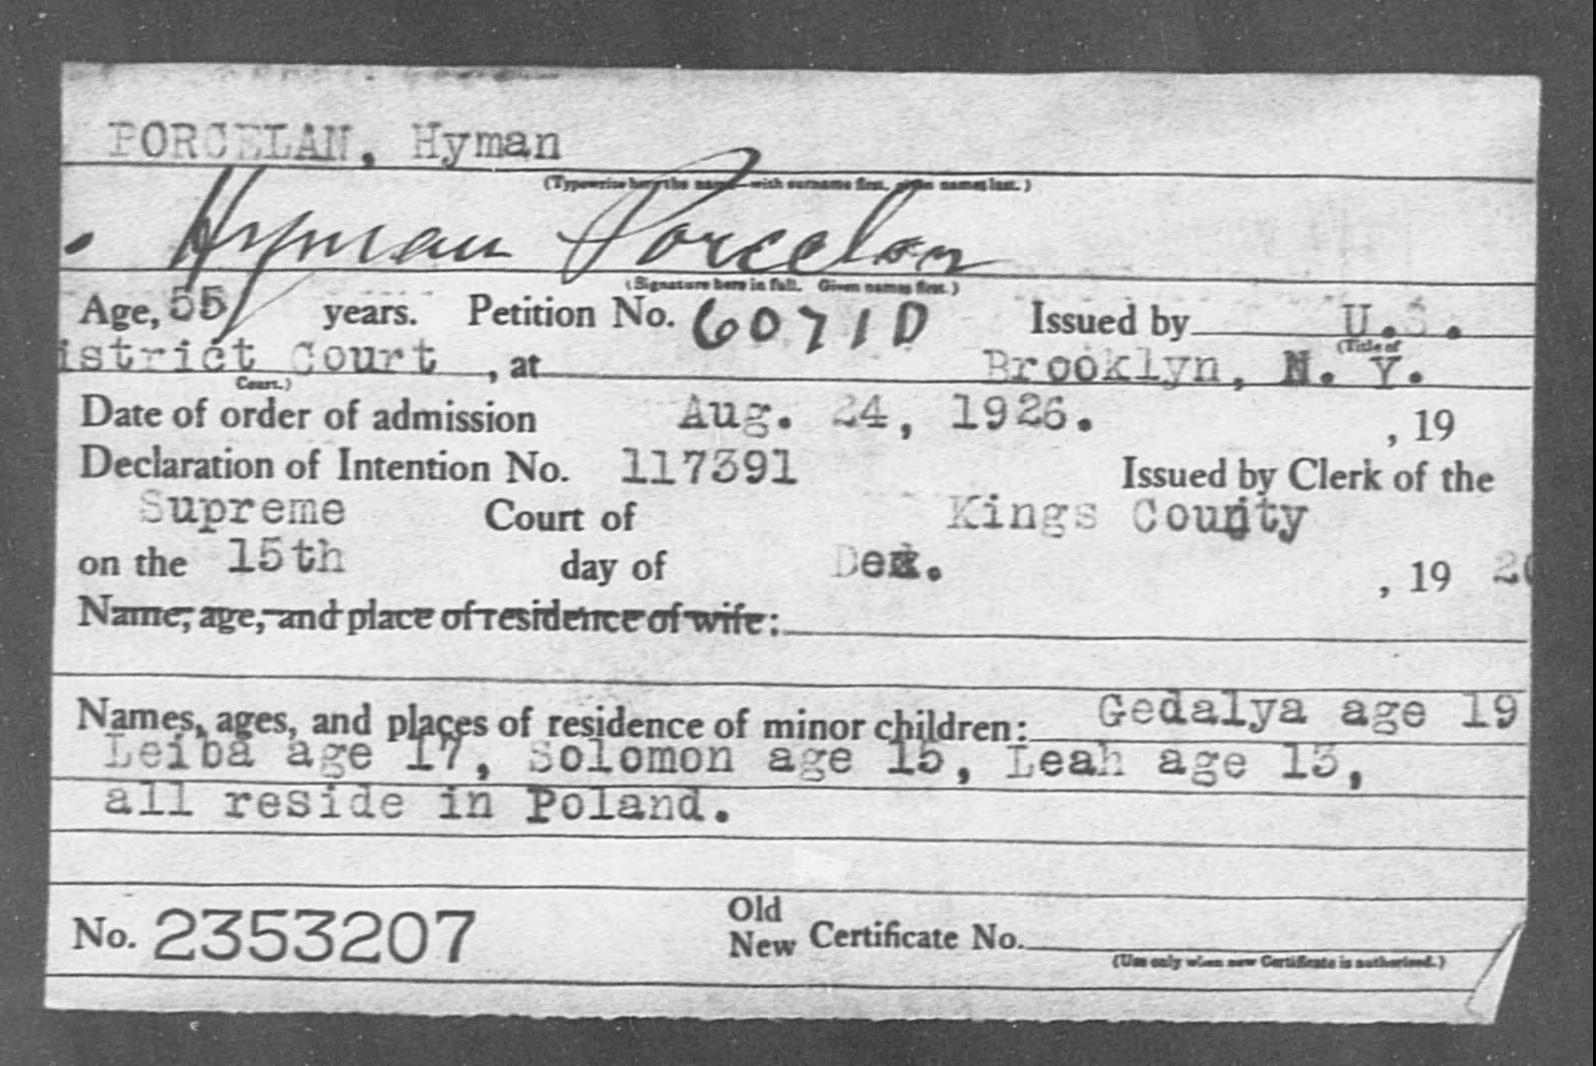 PORCELAN, Hyman - Born: [BLANK], Naturalized: 1926